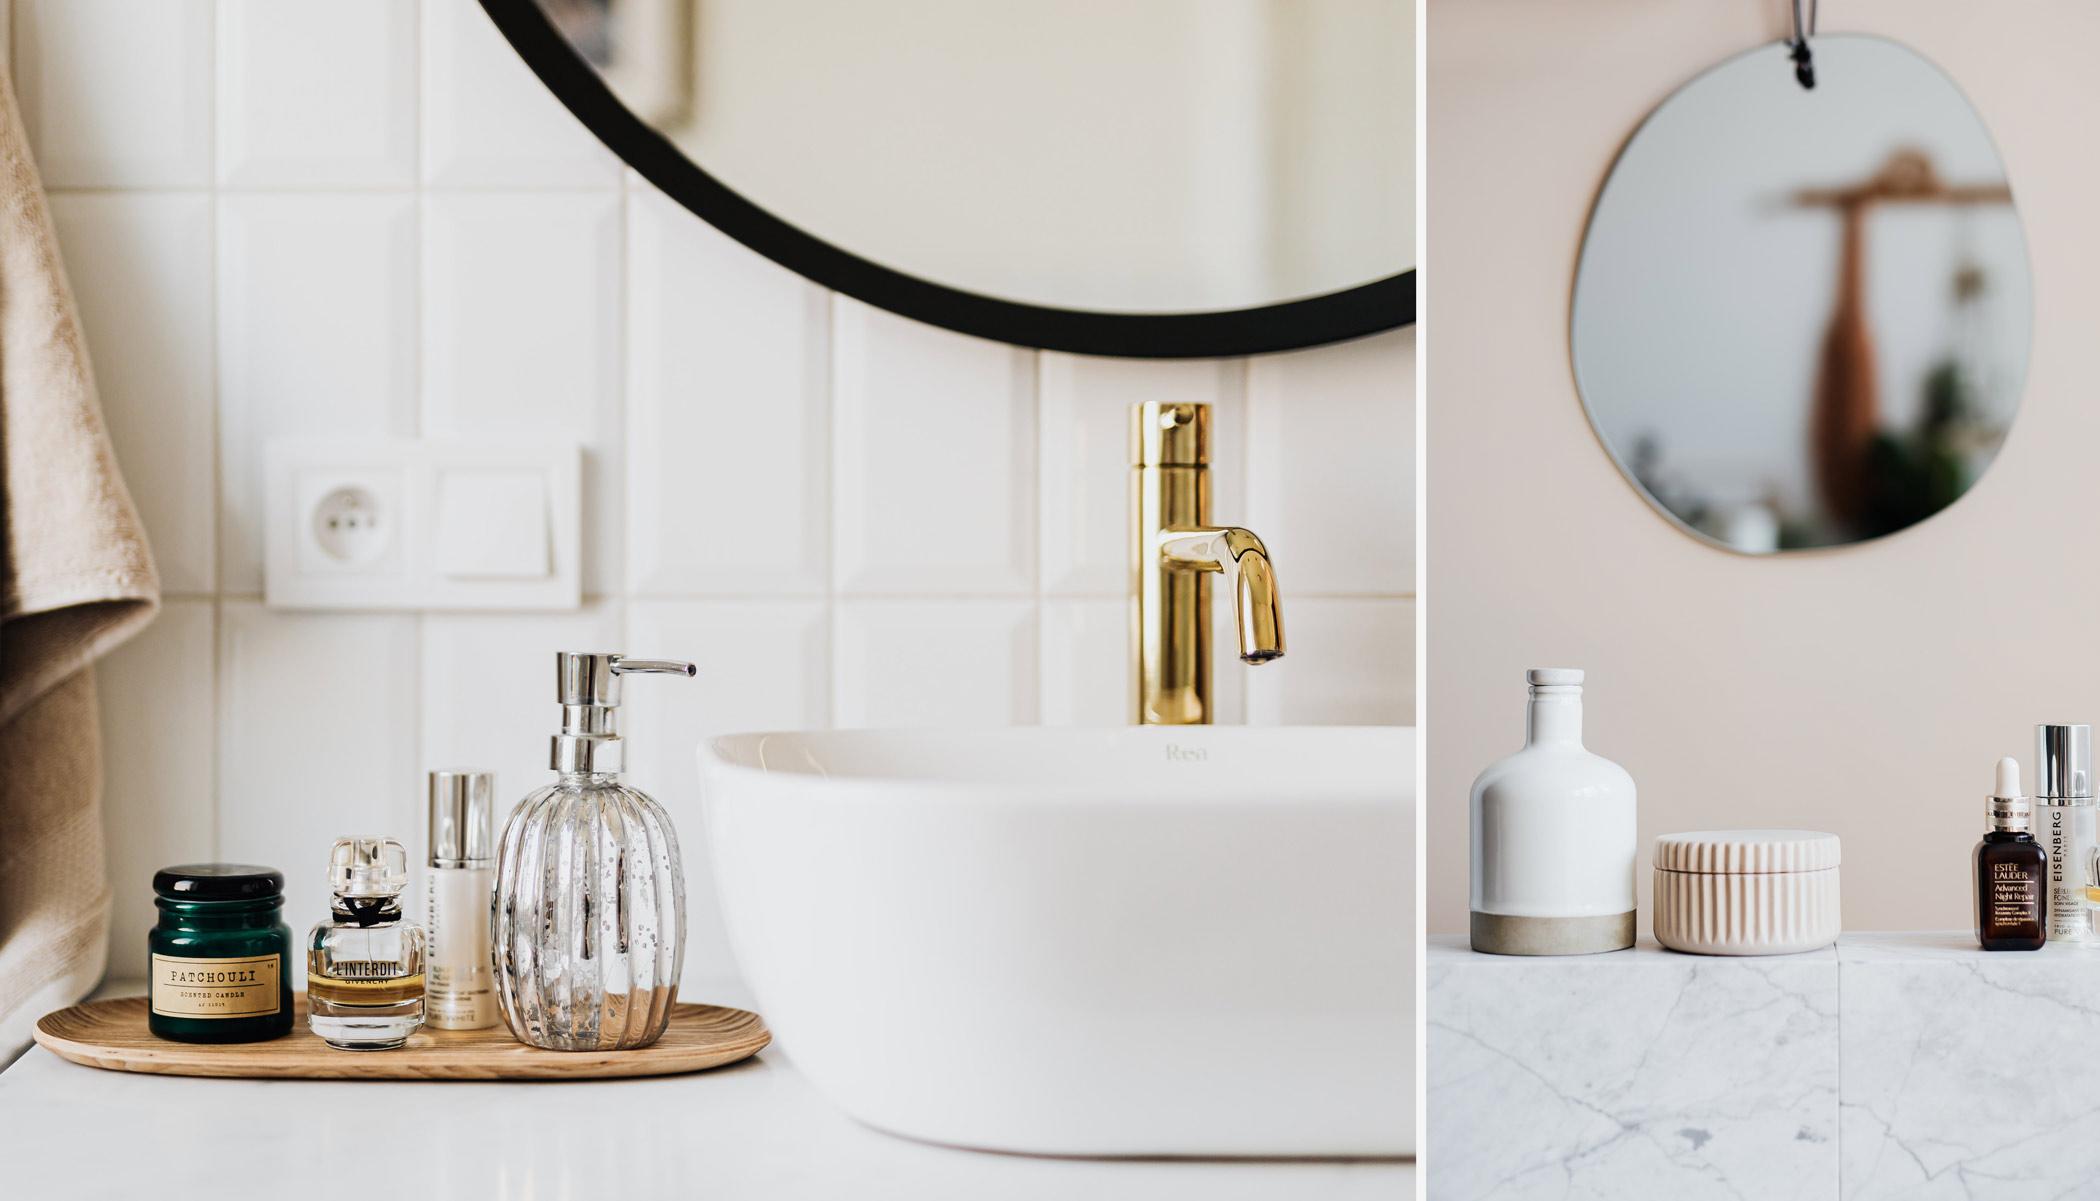 Flacon de cosmétiques salle de bain spa zéro déchet